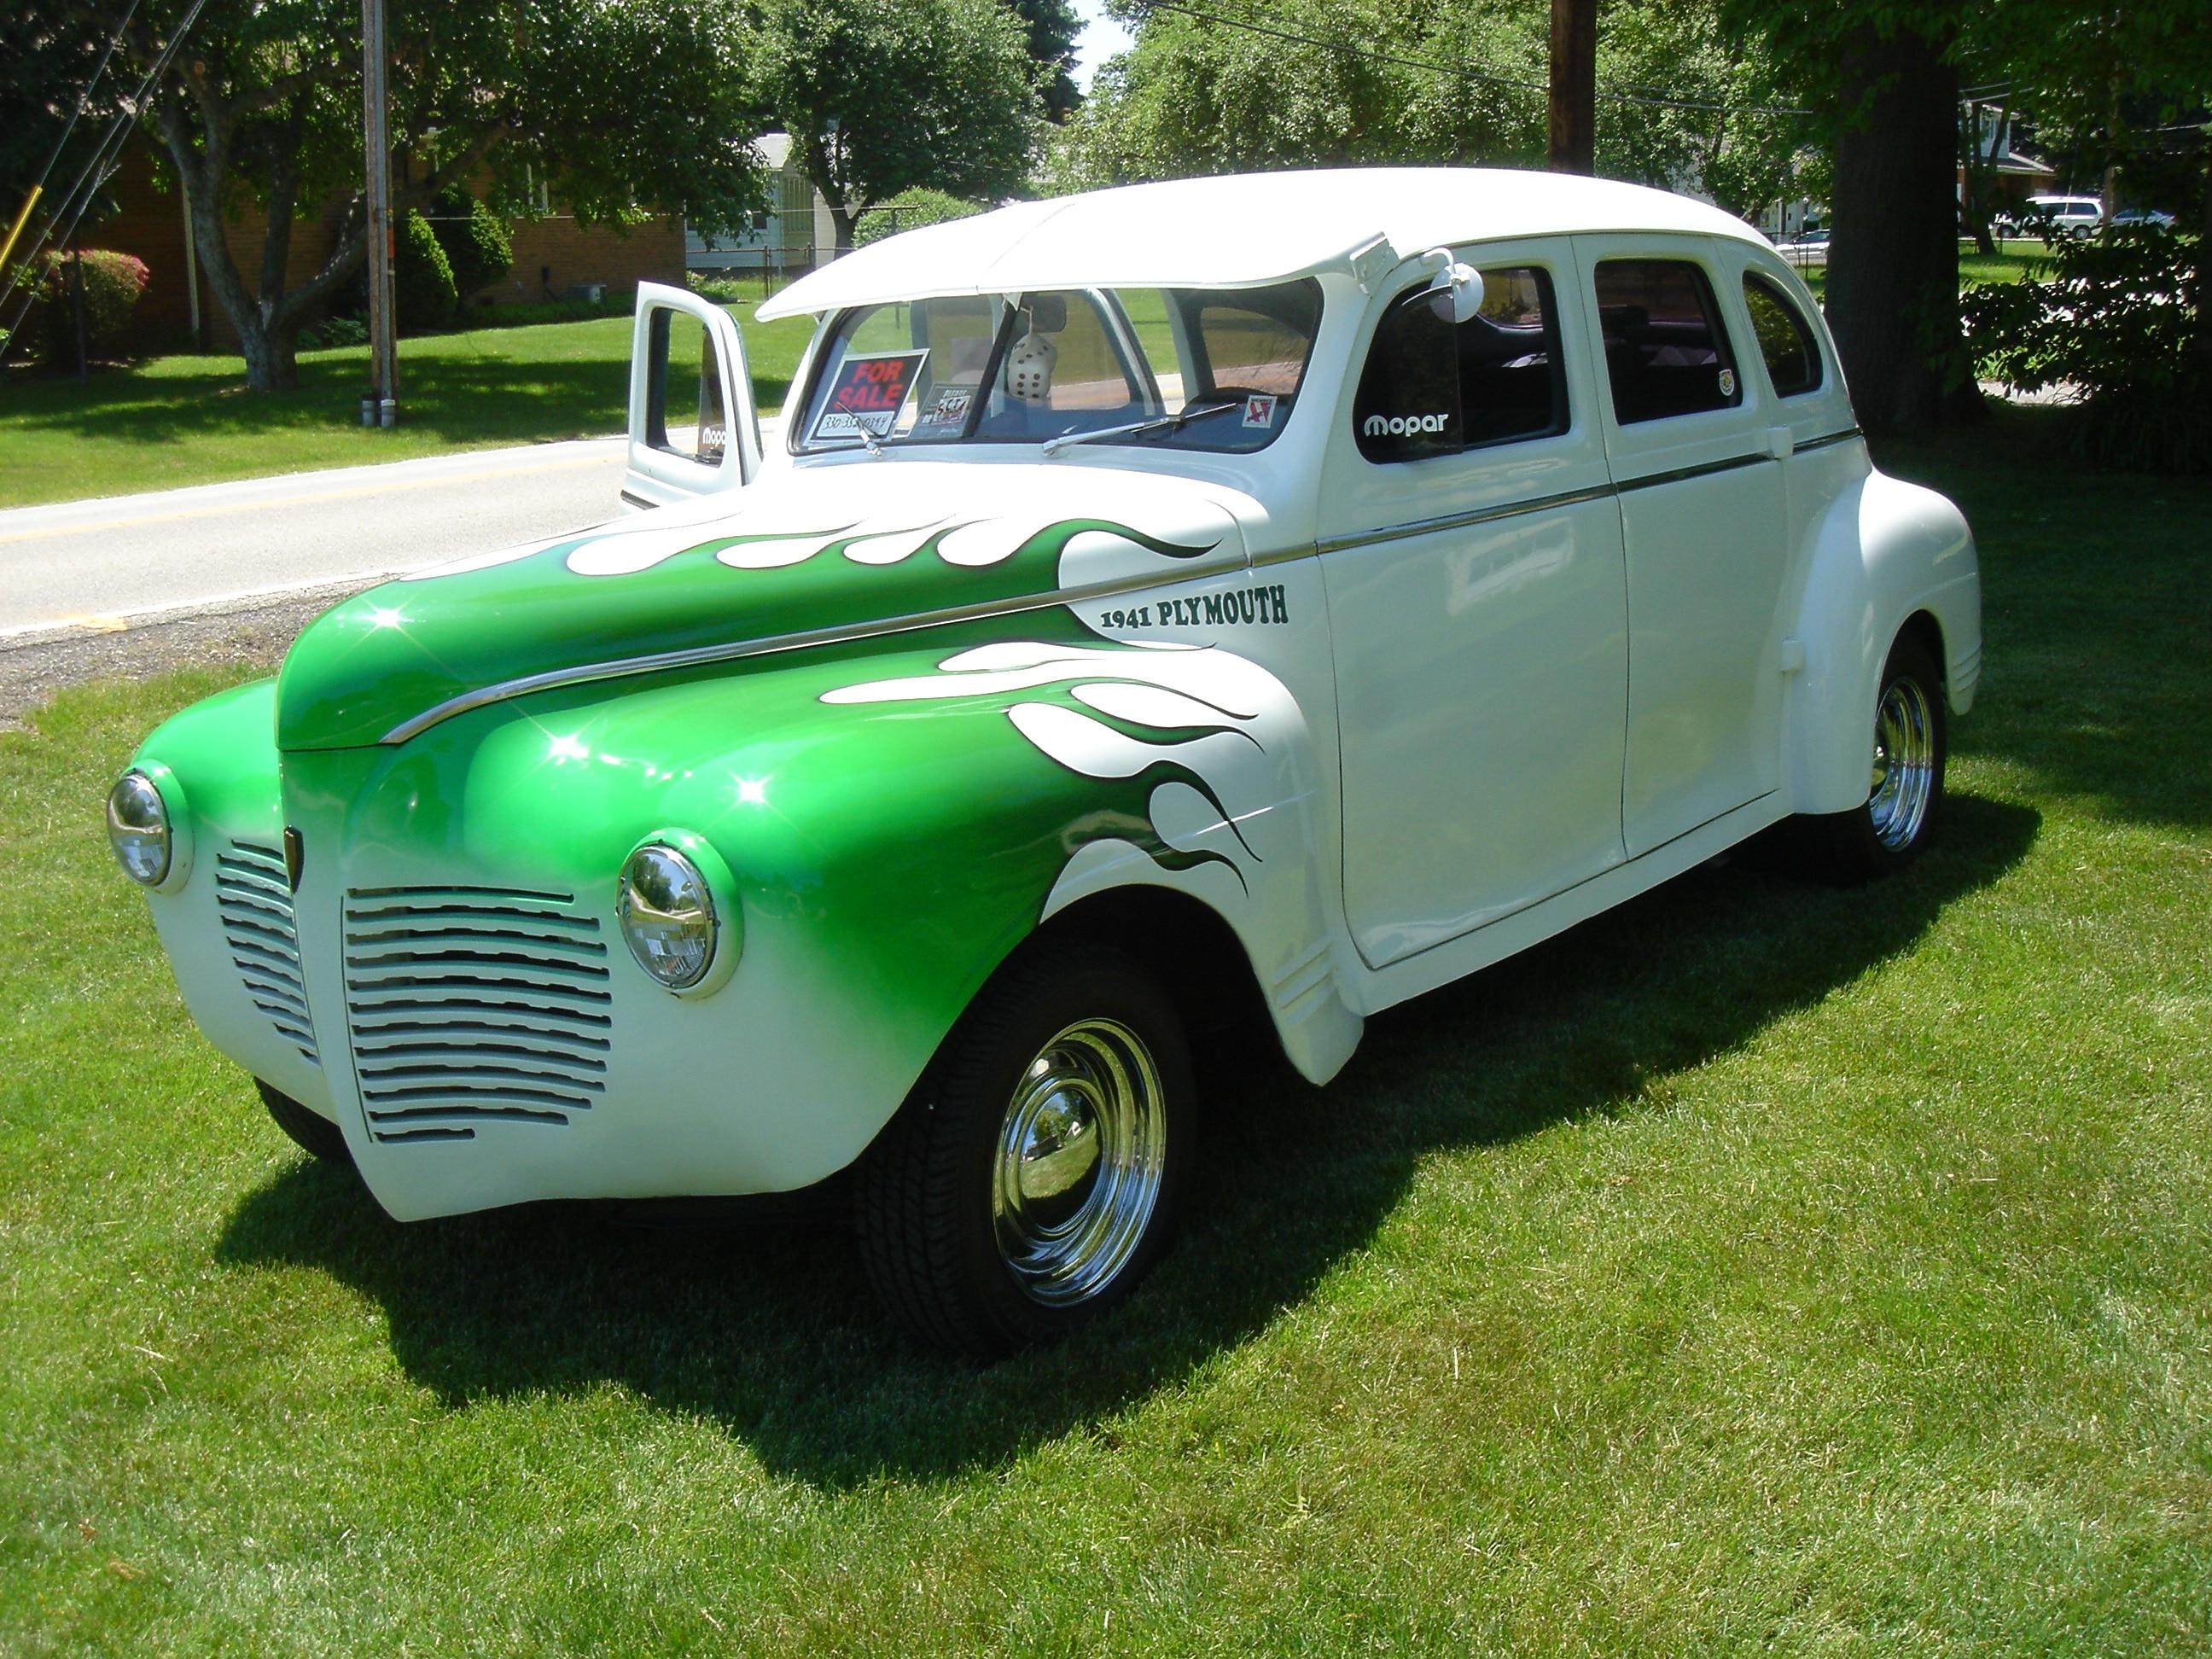 Jay Lenos Garage Plymouth Photo 381671 1941 Deluxe 2 Door